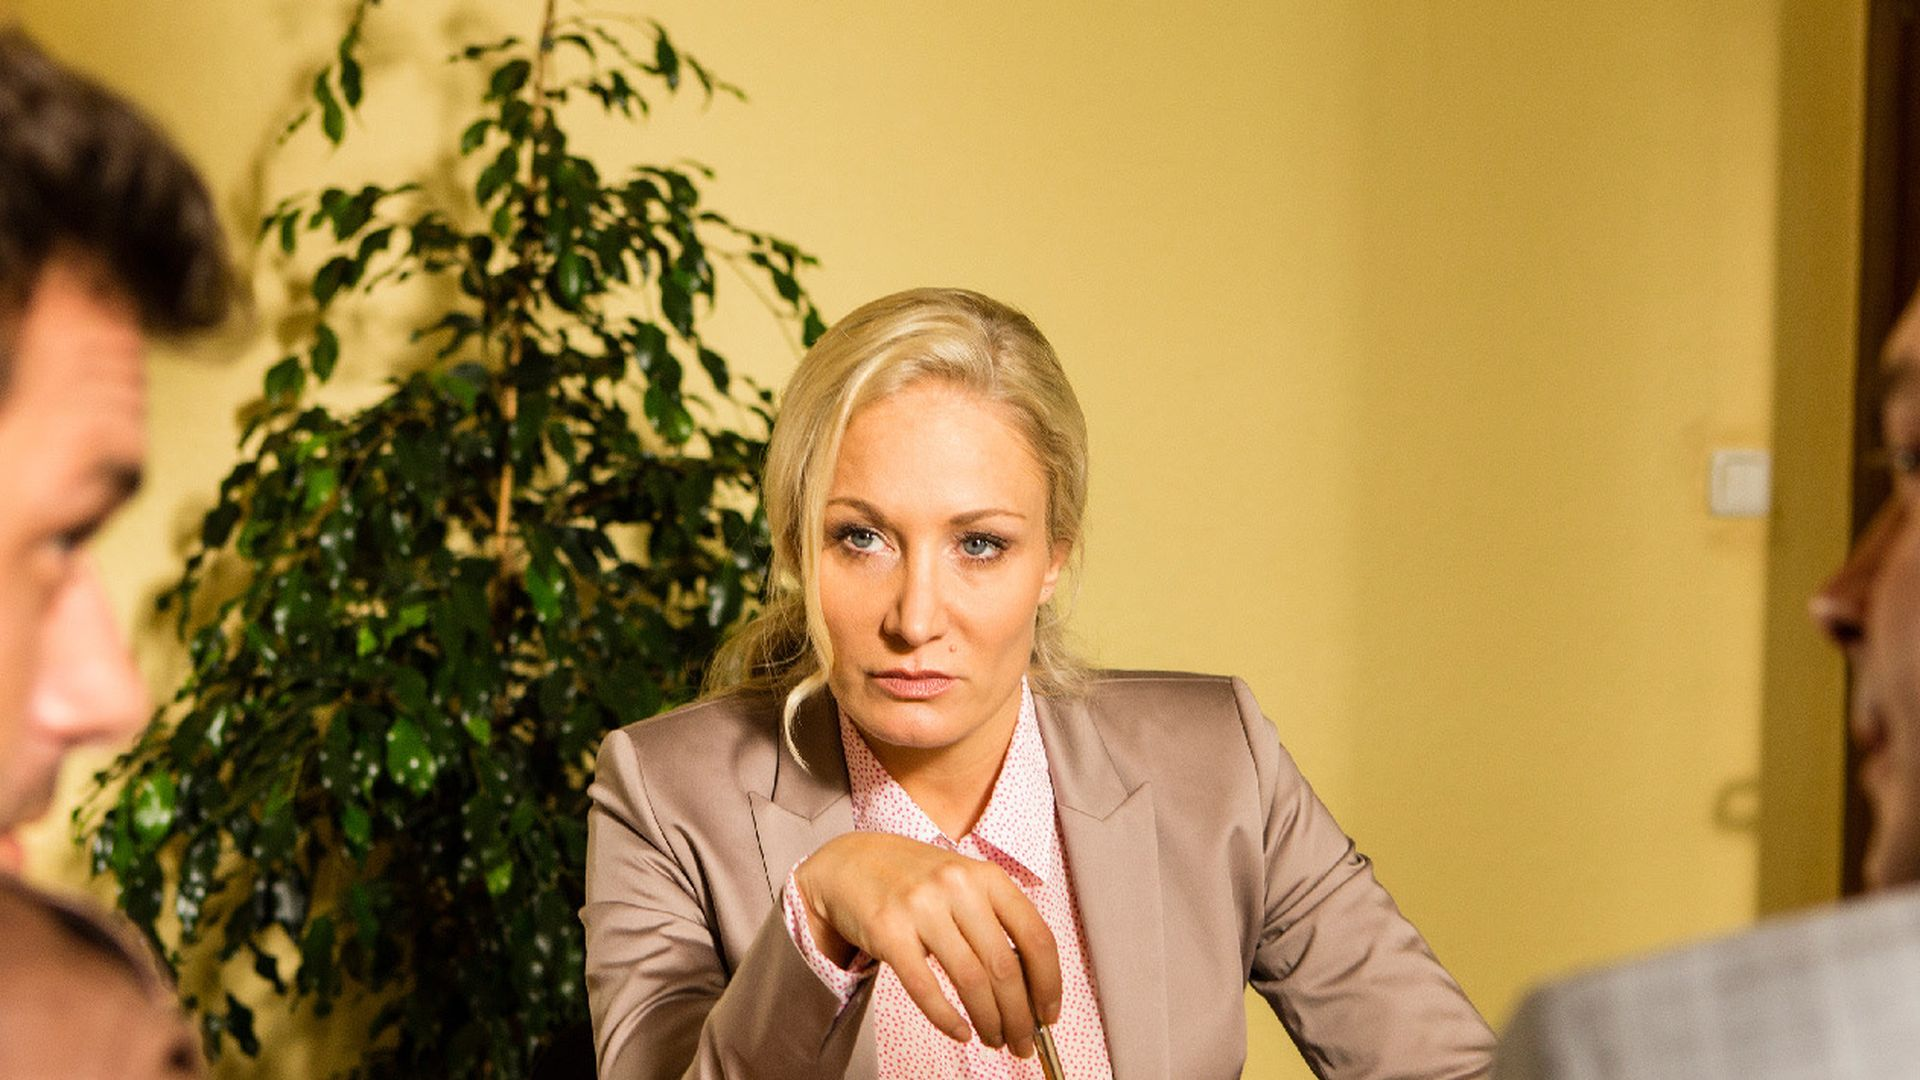 Janine Kunze Heldt